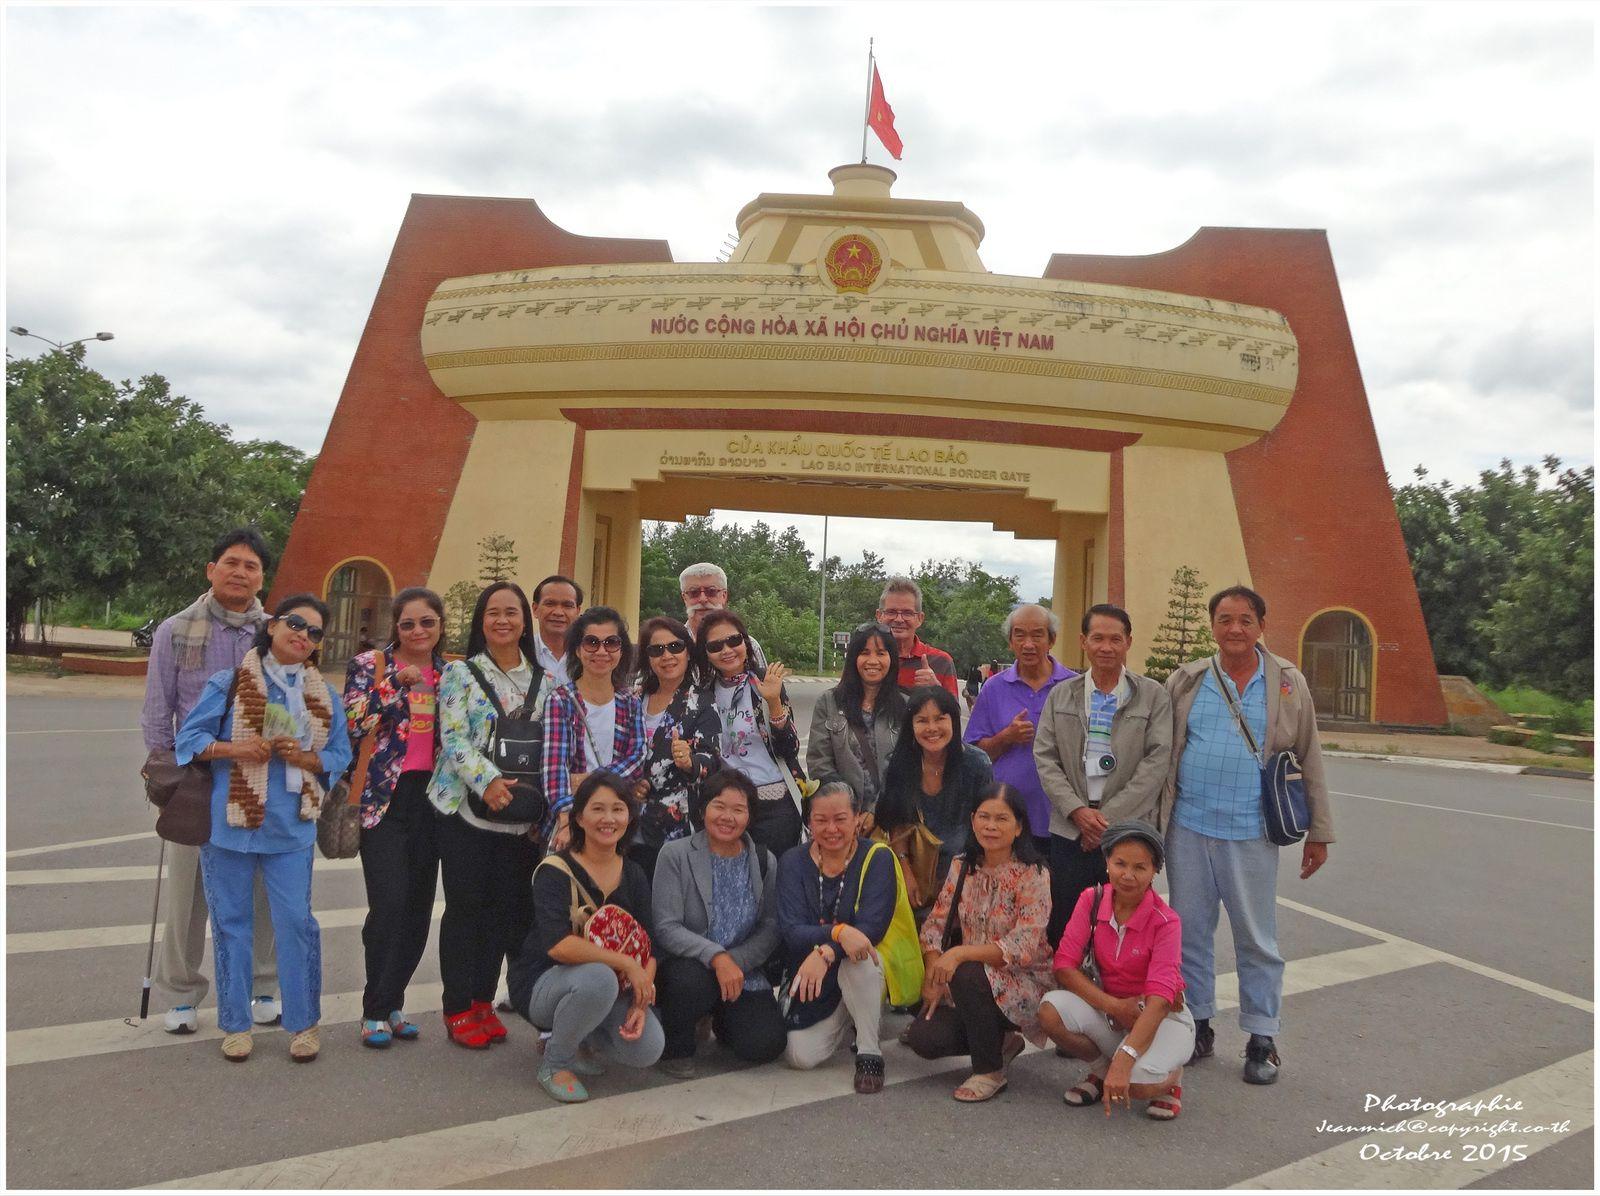 Entrée au Vietnam par le poste frontière Lao Bào.